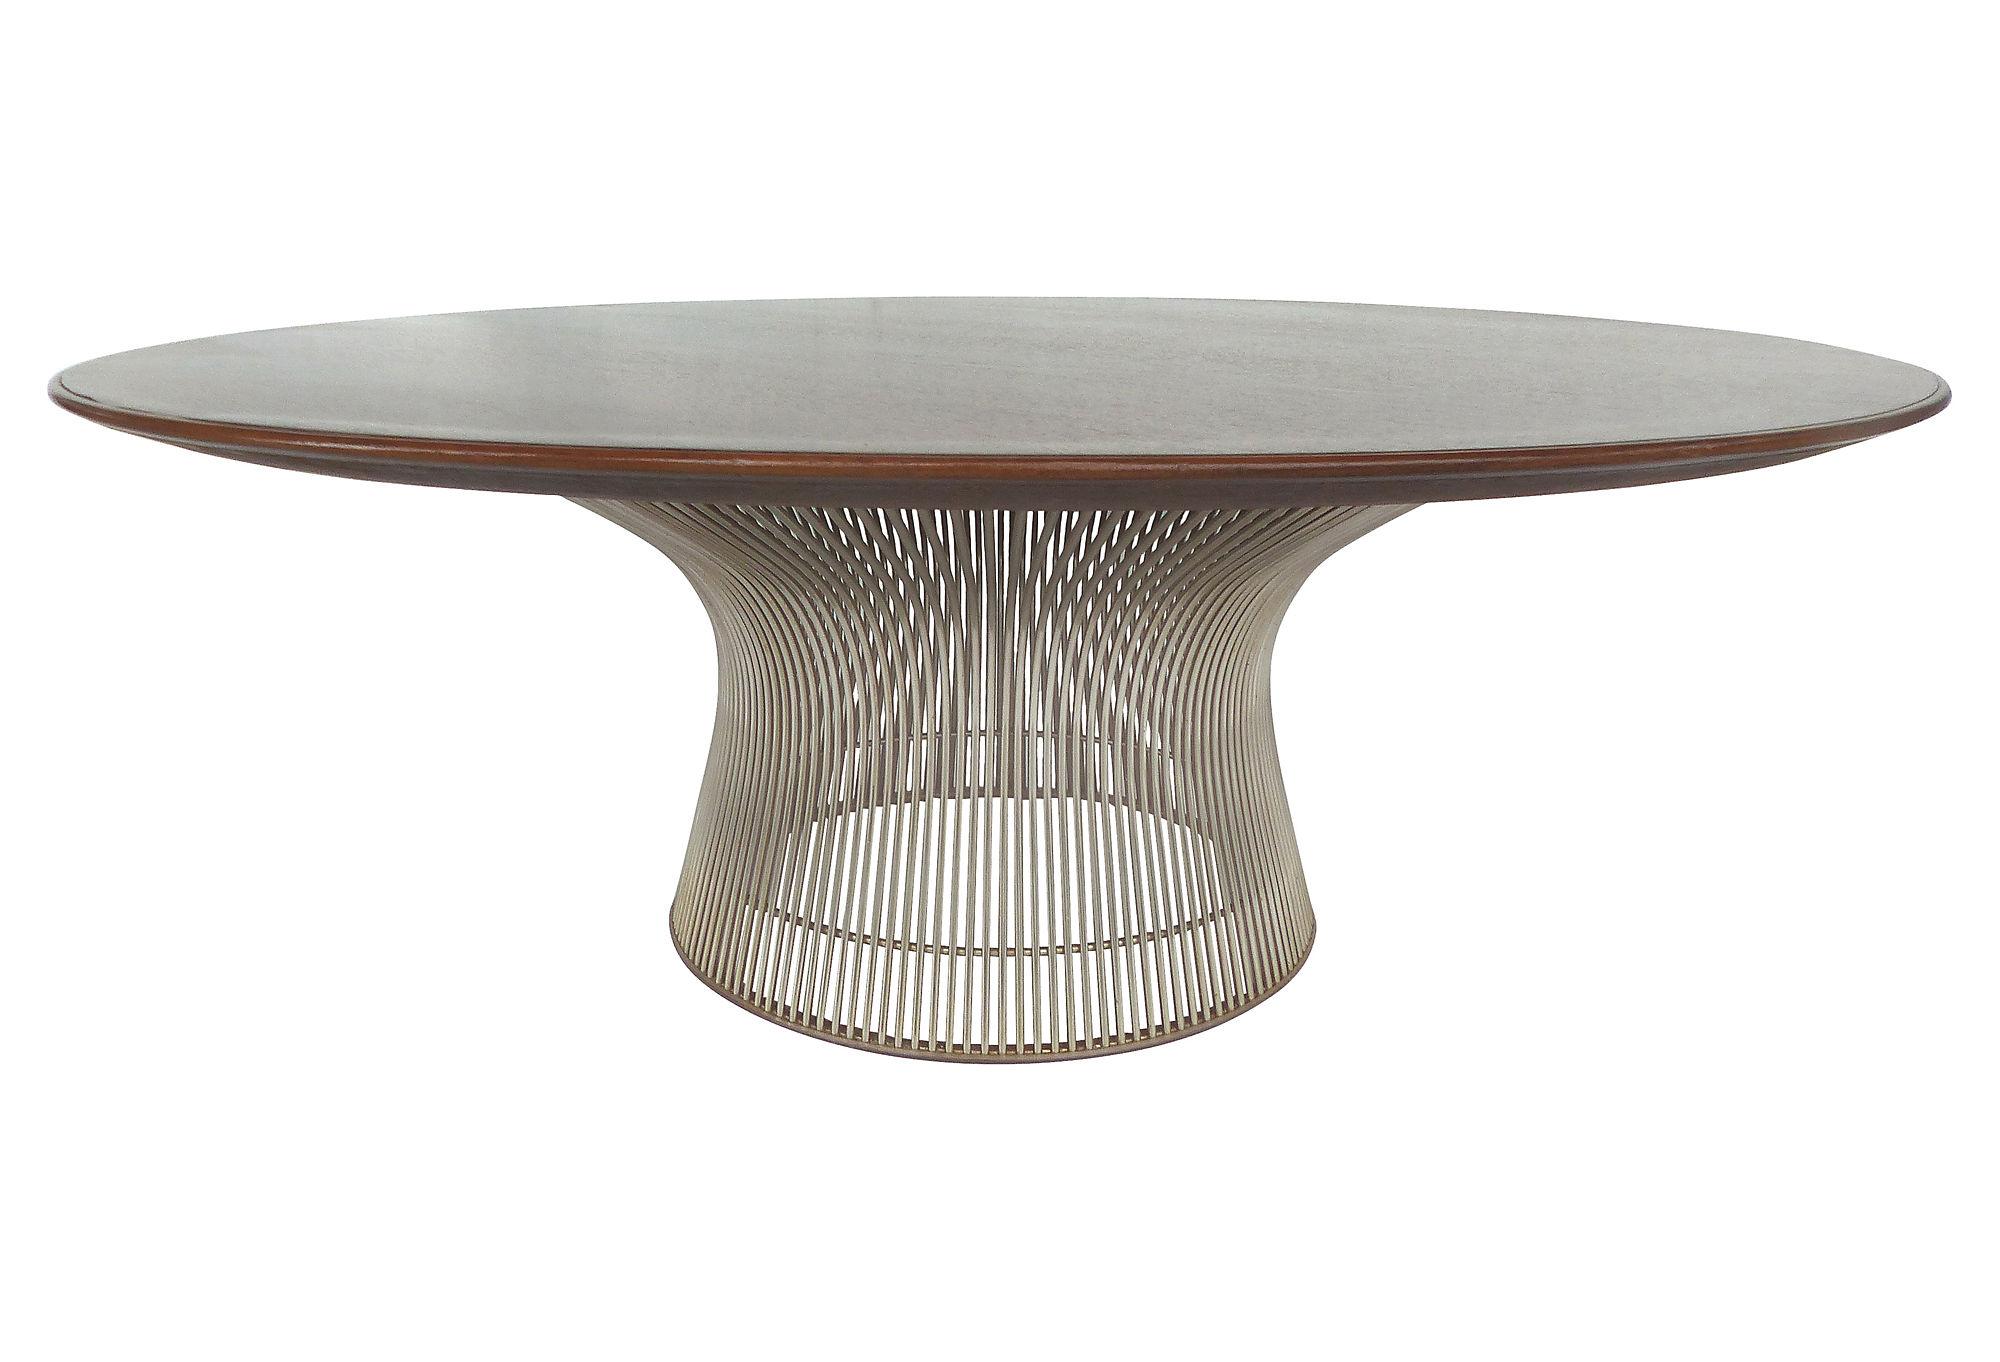 Shroom Coffee Table by CB2